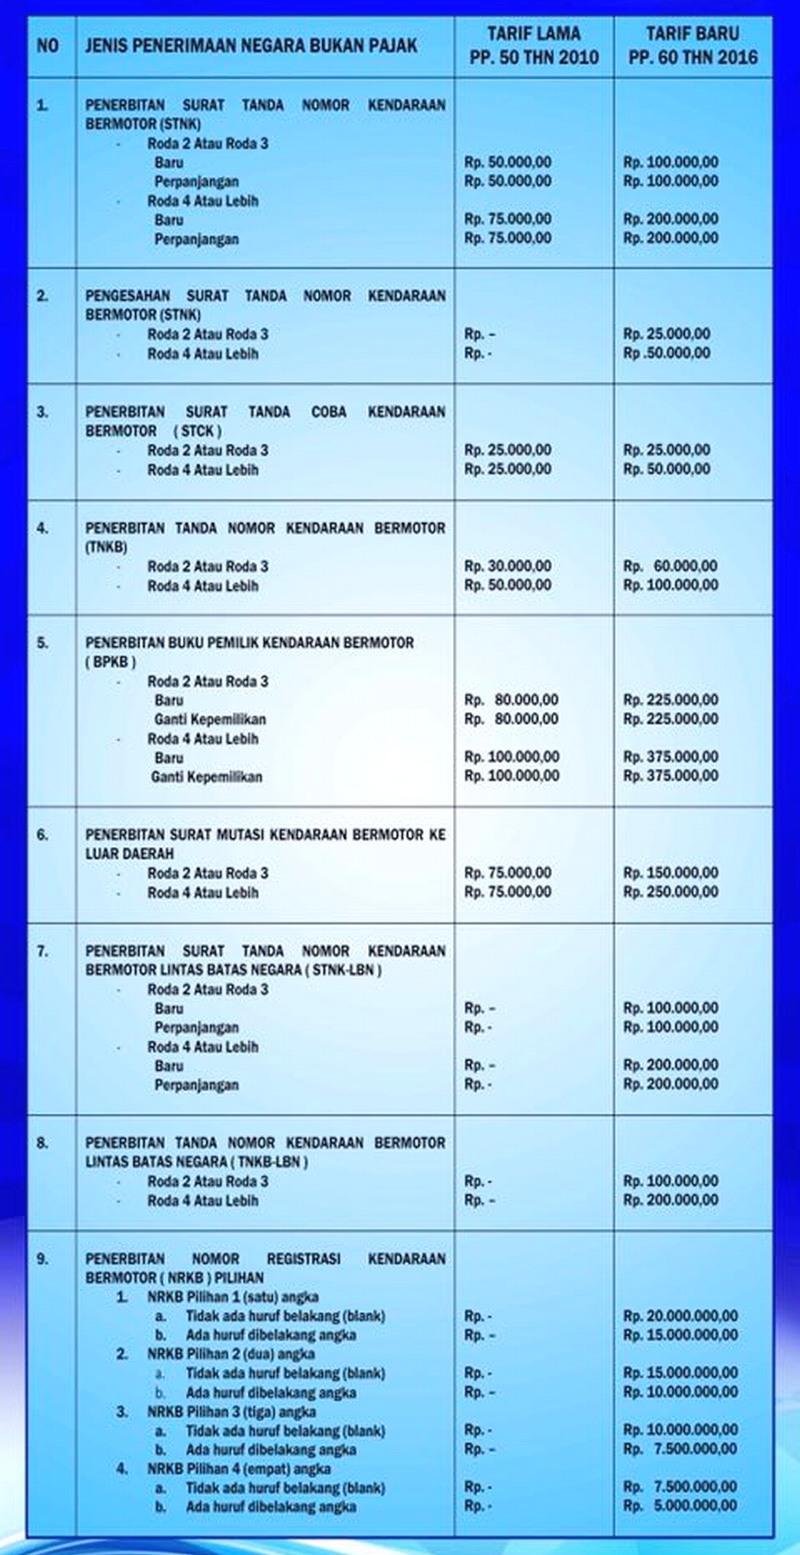 Biaya Admnistrasi STNk dan BPKB Naik per 6 Januari 2017 ...